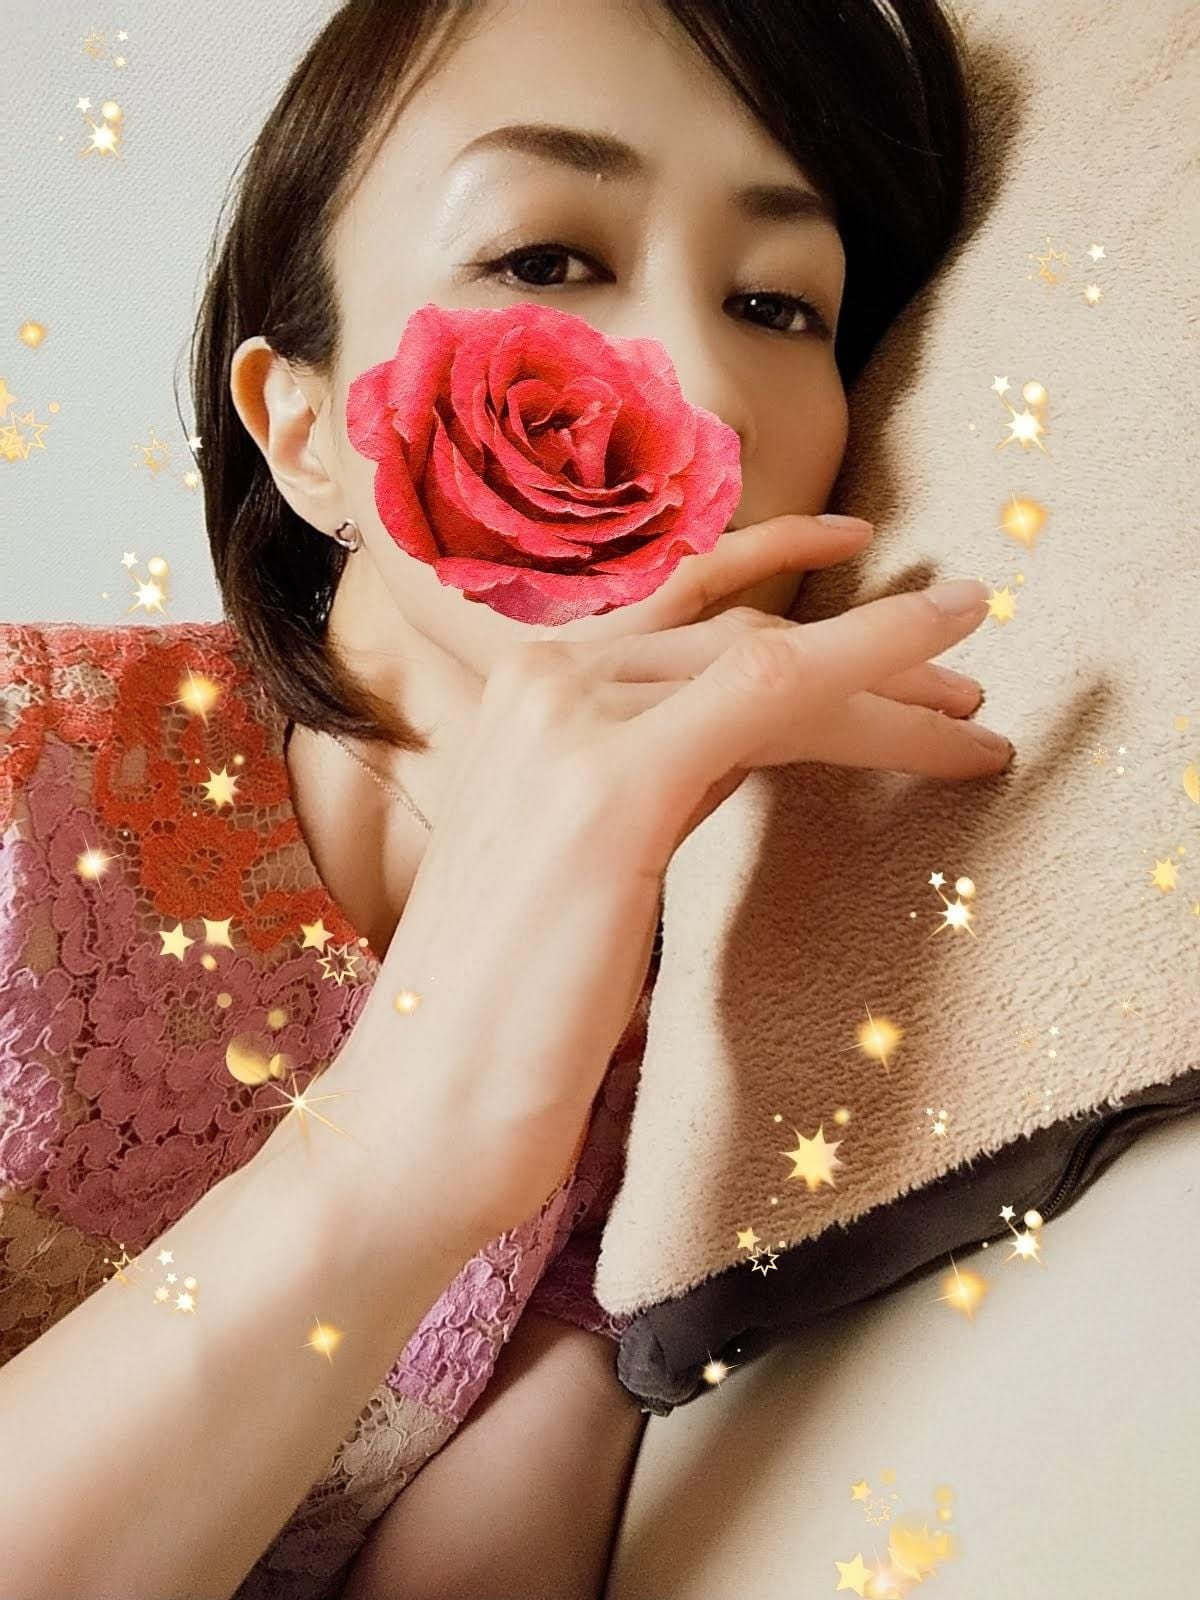 「映画好き♥️」06/21(月) 10:30   雪野の写メ